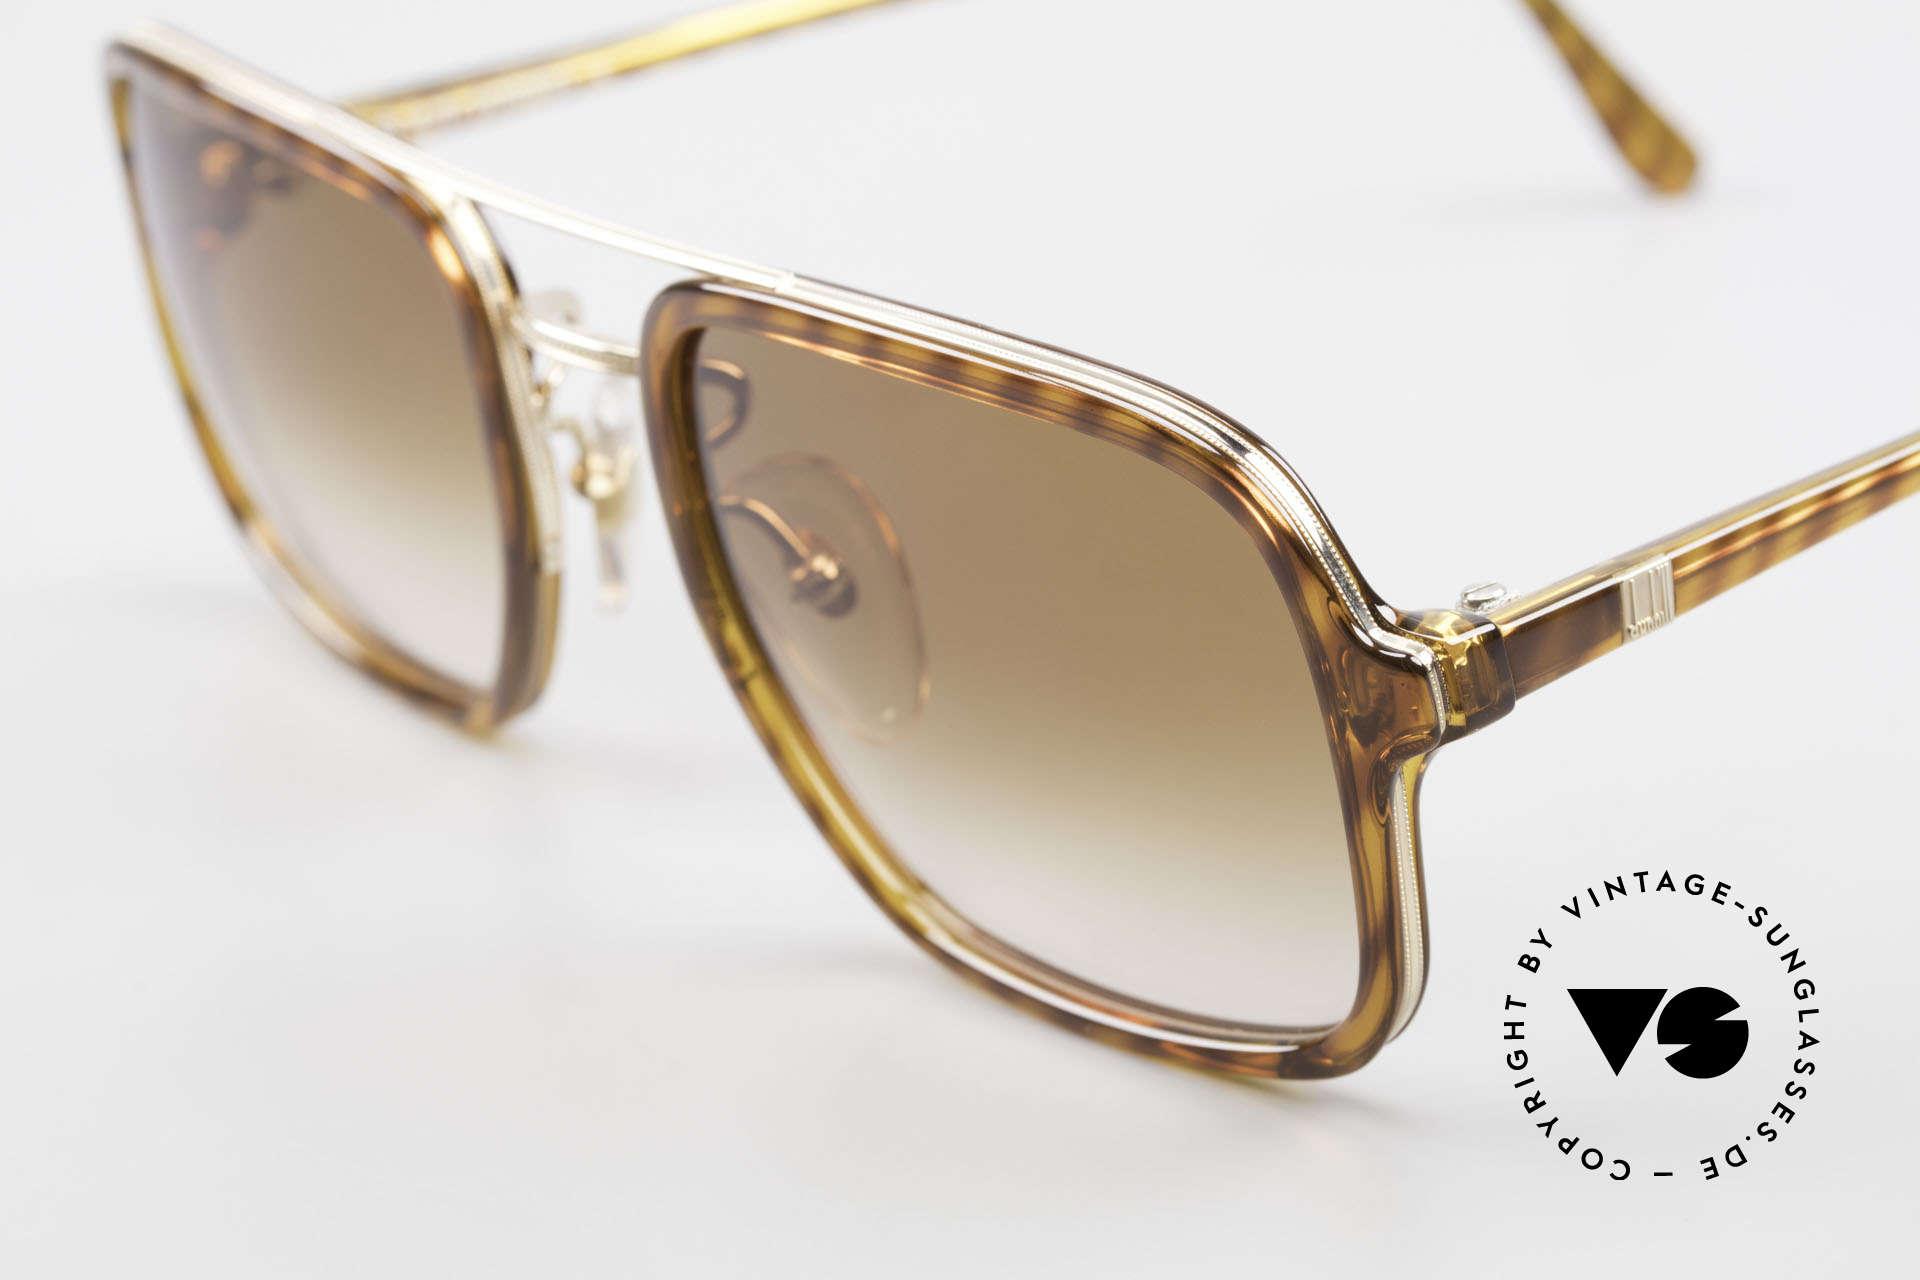 Dunhill 6059 Rare 80er Herren Sonnenbrille, typisch 80er .. mit Doppel-Steg & eleganter Musterung, Passend für Herren